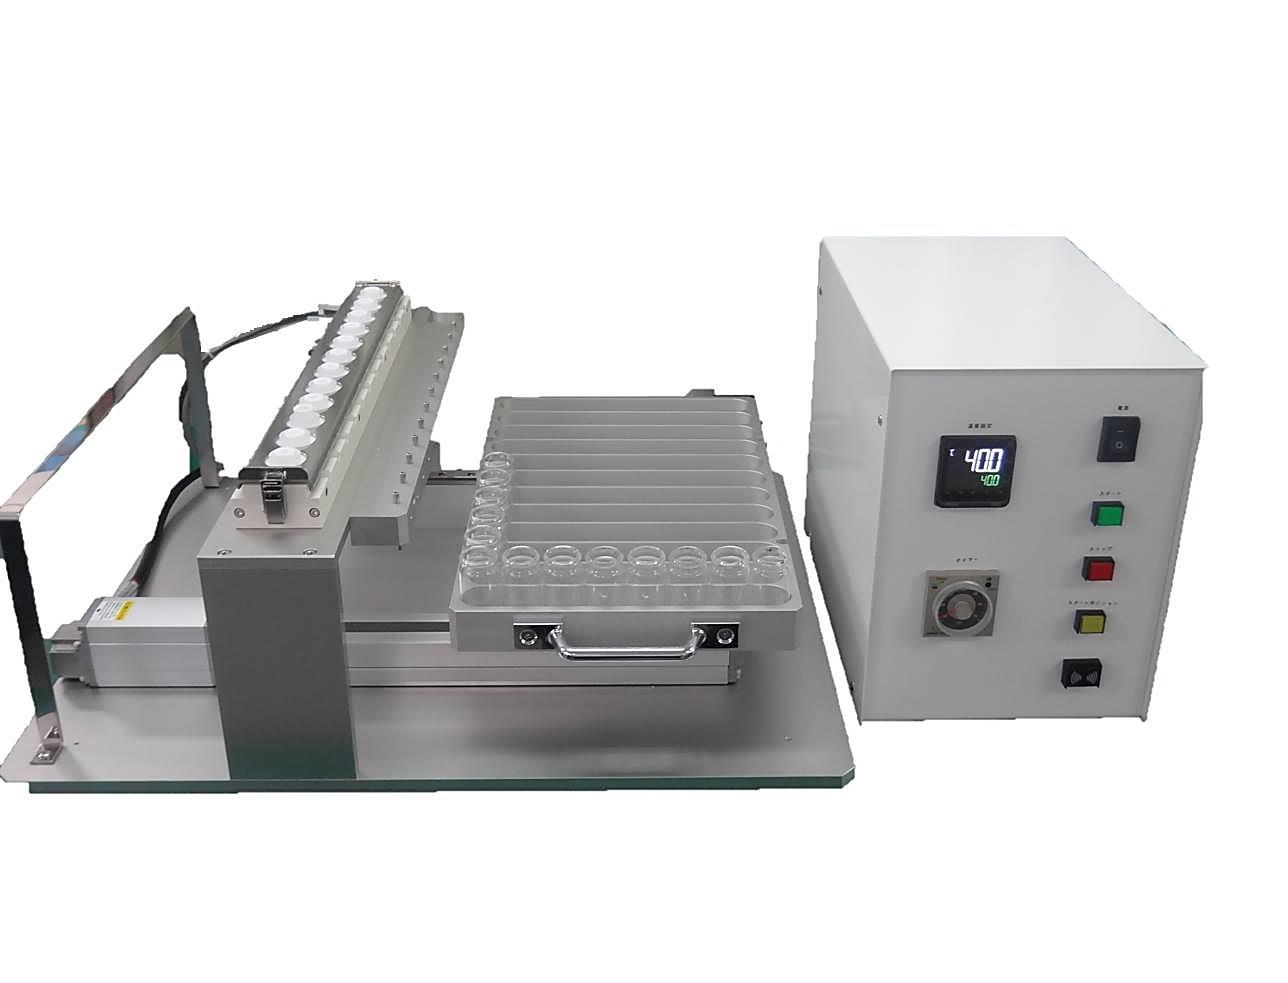 新製品 フローディフュージョンセルシステム フラクションコレクター INT500のご案内